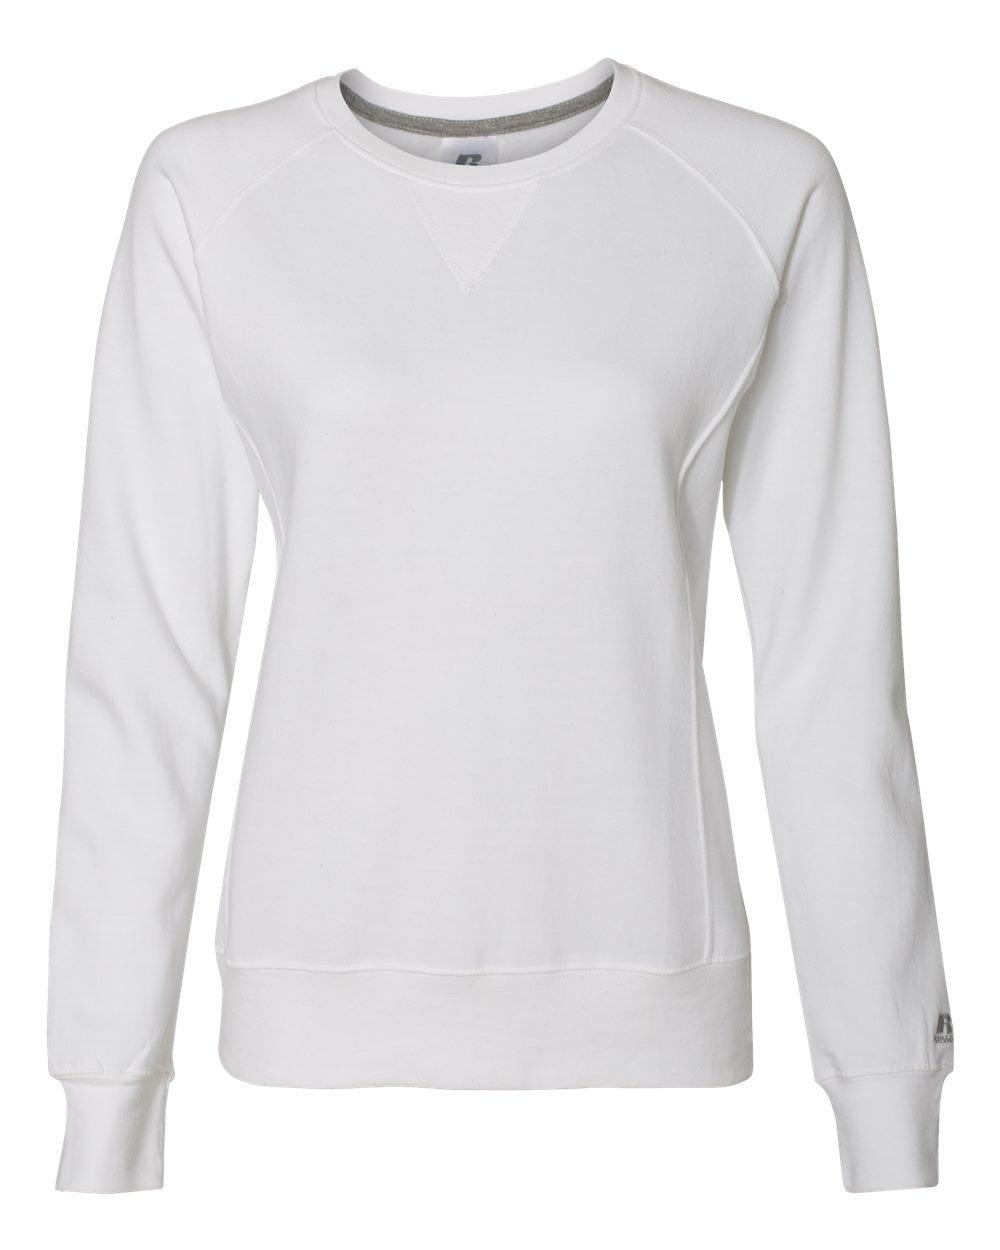 Russell Athletic Women's V-Notch Fleece Sweatshirt, White, XL